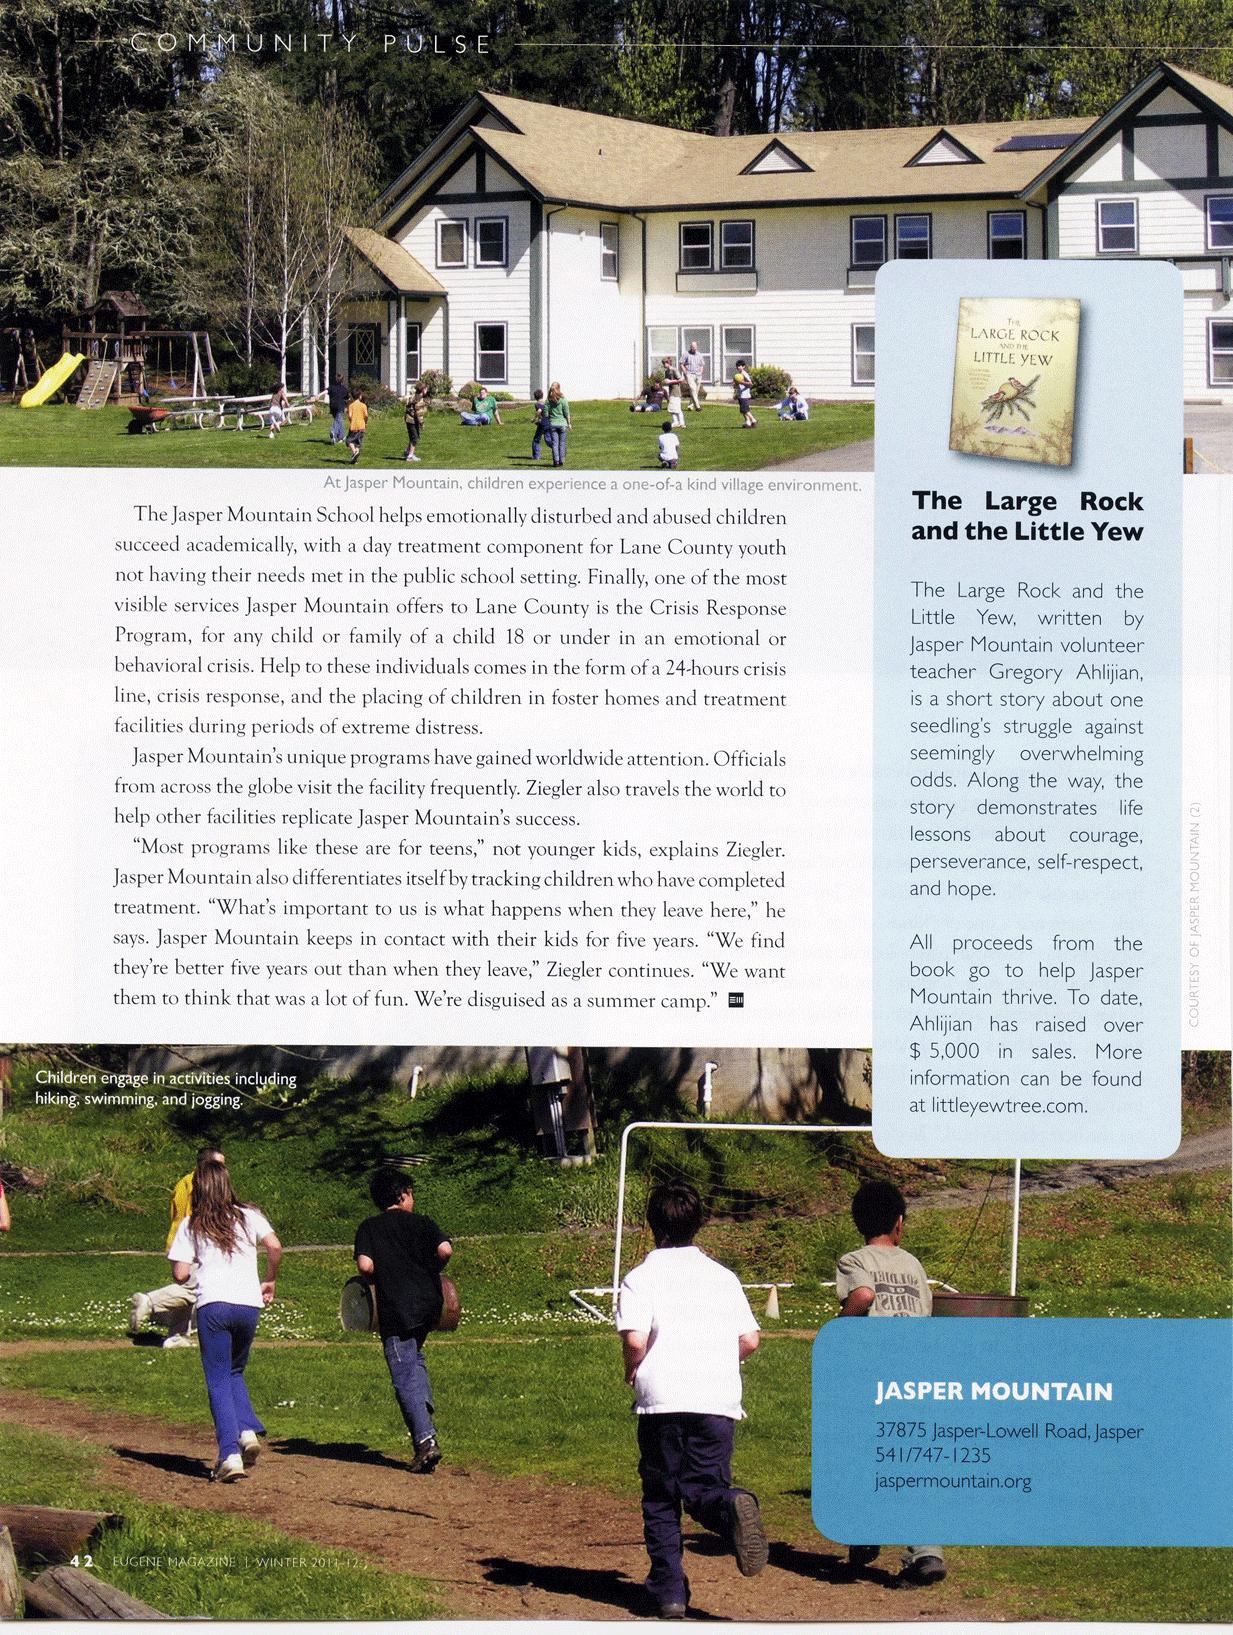 Greg-Ahlijian_Press-007_Eugene-Magazine-WInter-2011-12_pg3.png